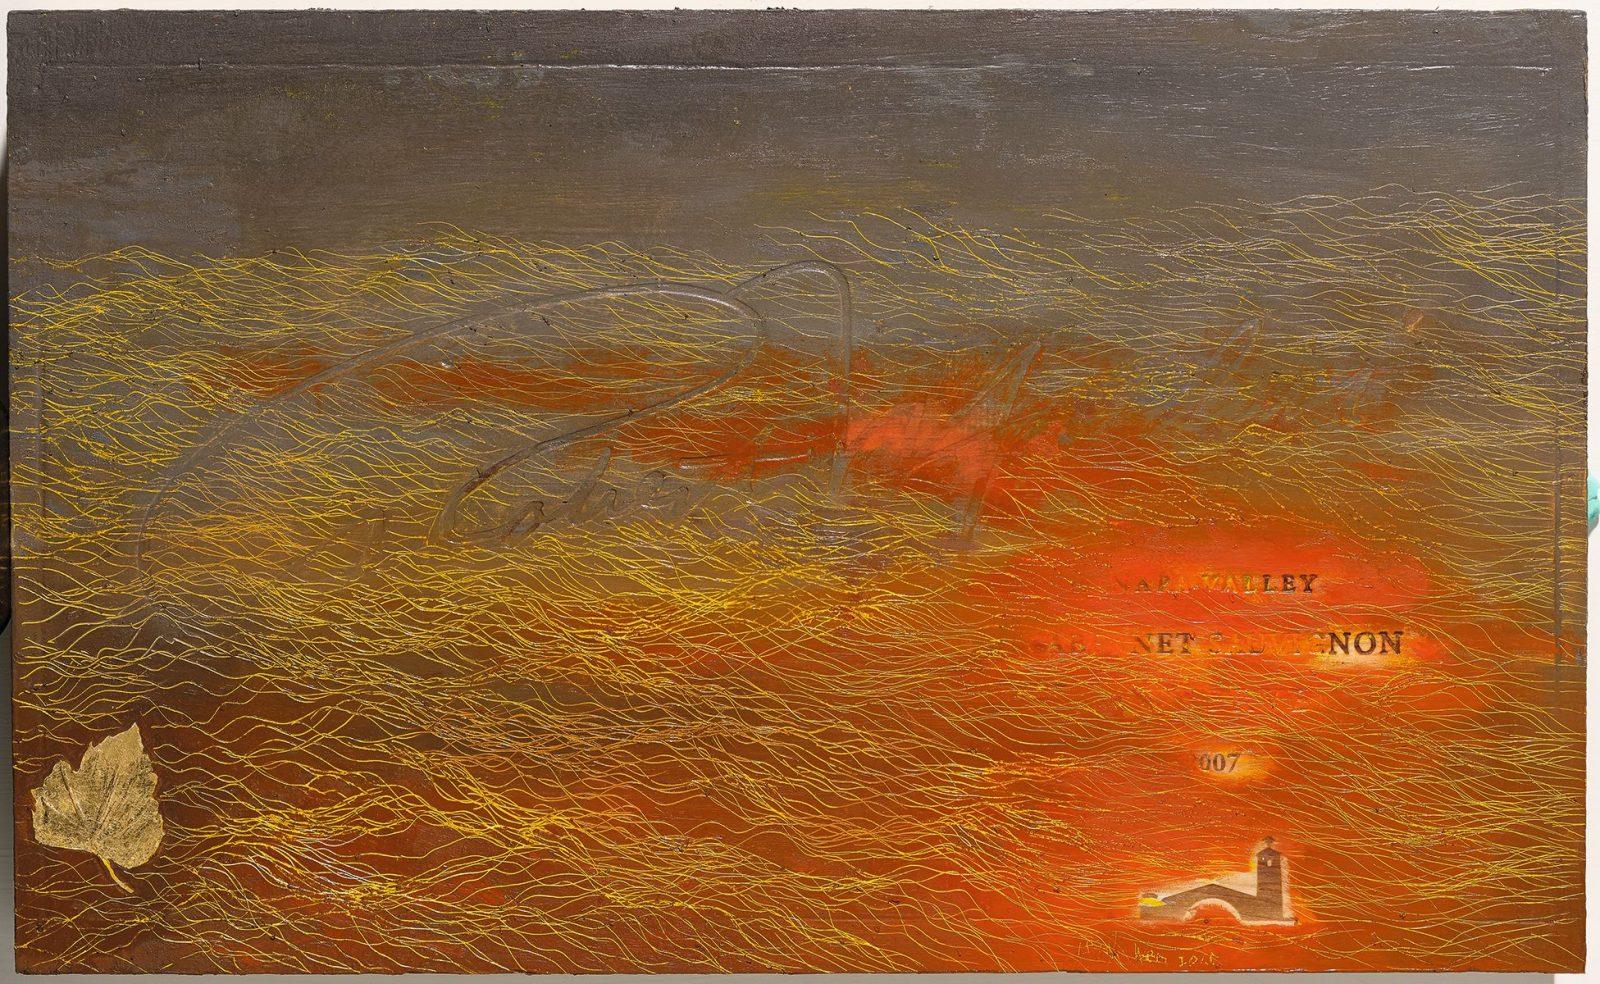 引徑-11, Side Track-11, 32.6 x 53.3 cm, mixed media, 2015